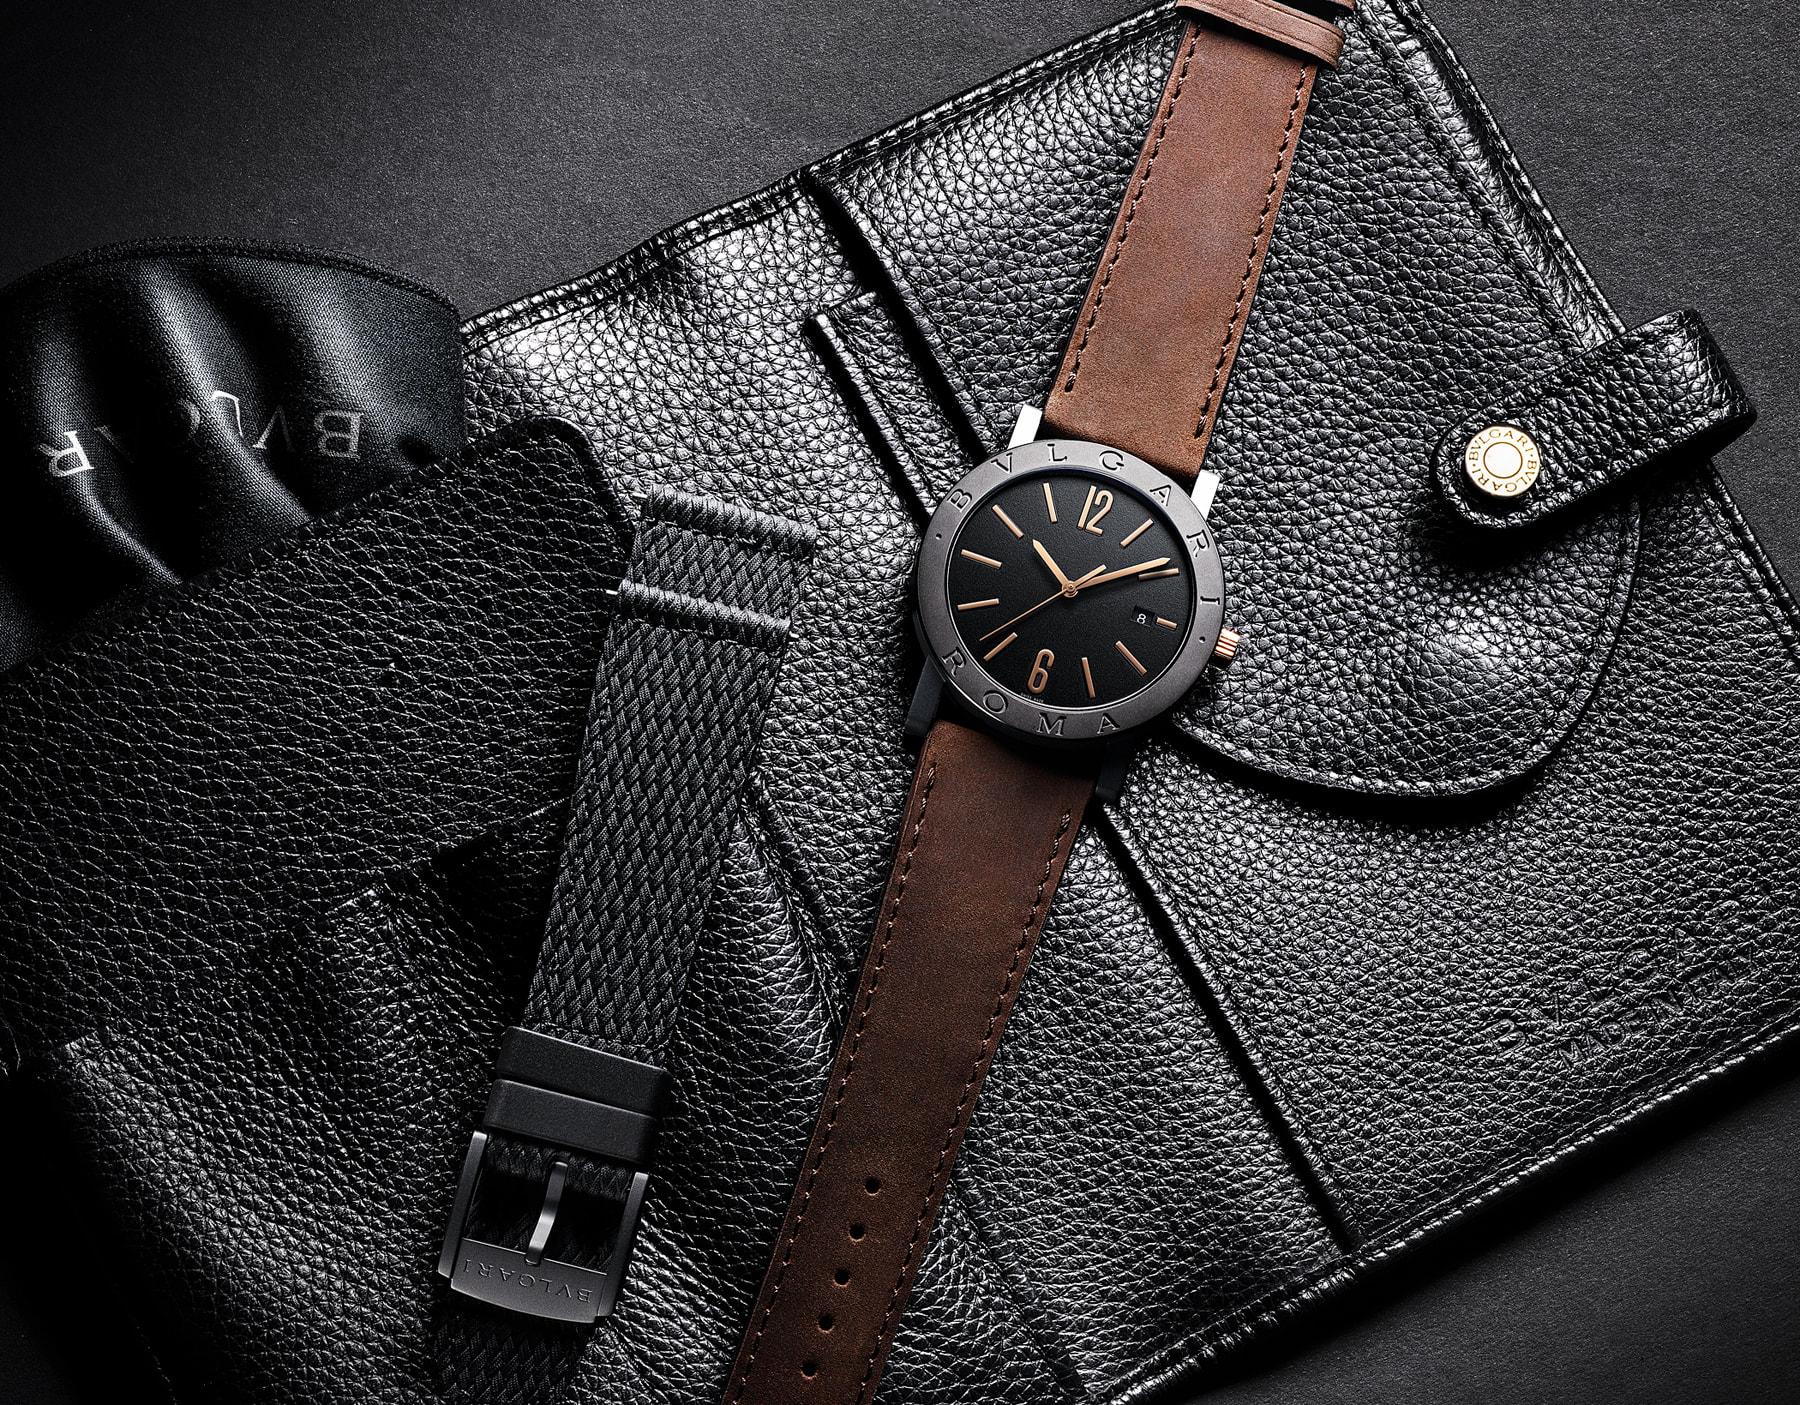 """ساعة """"بولغري بولغري سيتيز سبيشل إيديشن، ROMA"""" بآلية حركة ميكانيكية مصنّعة من قبل بولغري، تعبئة أوتوماتيكية، آلية BVL 191.، علبة الساعة من الفولاذ المعالج بالكربون الأسود الشبيه بالألماس مع نقش """"BVLGARI ROMA"""" على إطار الساعة، غطاء خلفي شفاف، ميناء مطلي بالمينا الأسود الخشن ومؤشرات الساعة من الذهب الوردي، سوار من جلد العجل البني، وسوار قابل للتبديل من المطاط الأسود. 103219 image 7"""